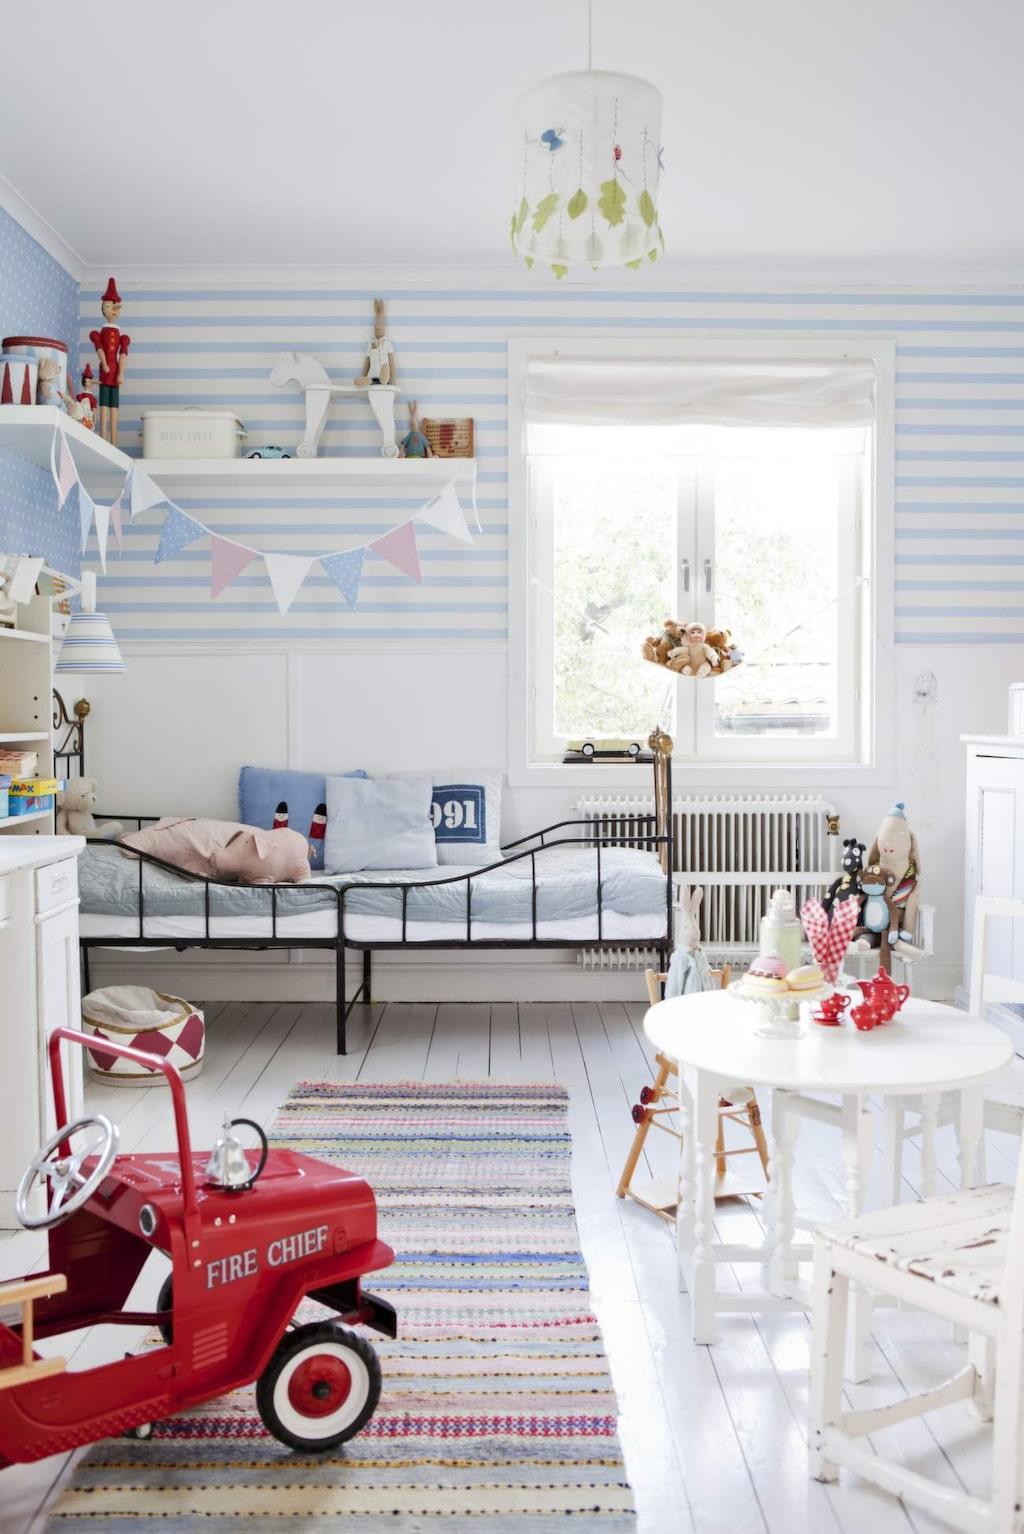 <p>Randigt på väggar och golv. Trasmatta och äldre stålsäng. Stor leksaksbil av plåt är både leksak och prydnad i rummet. <br></p>